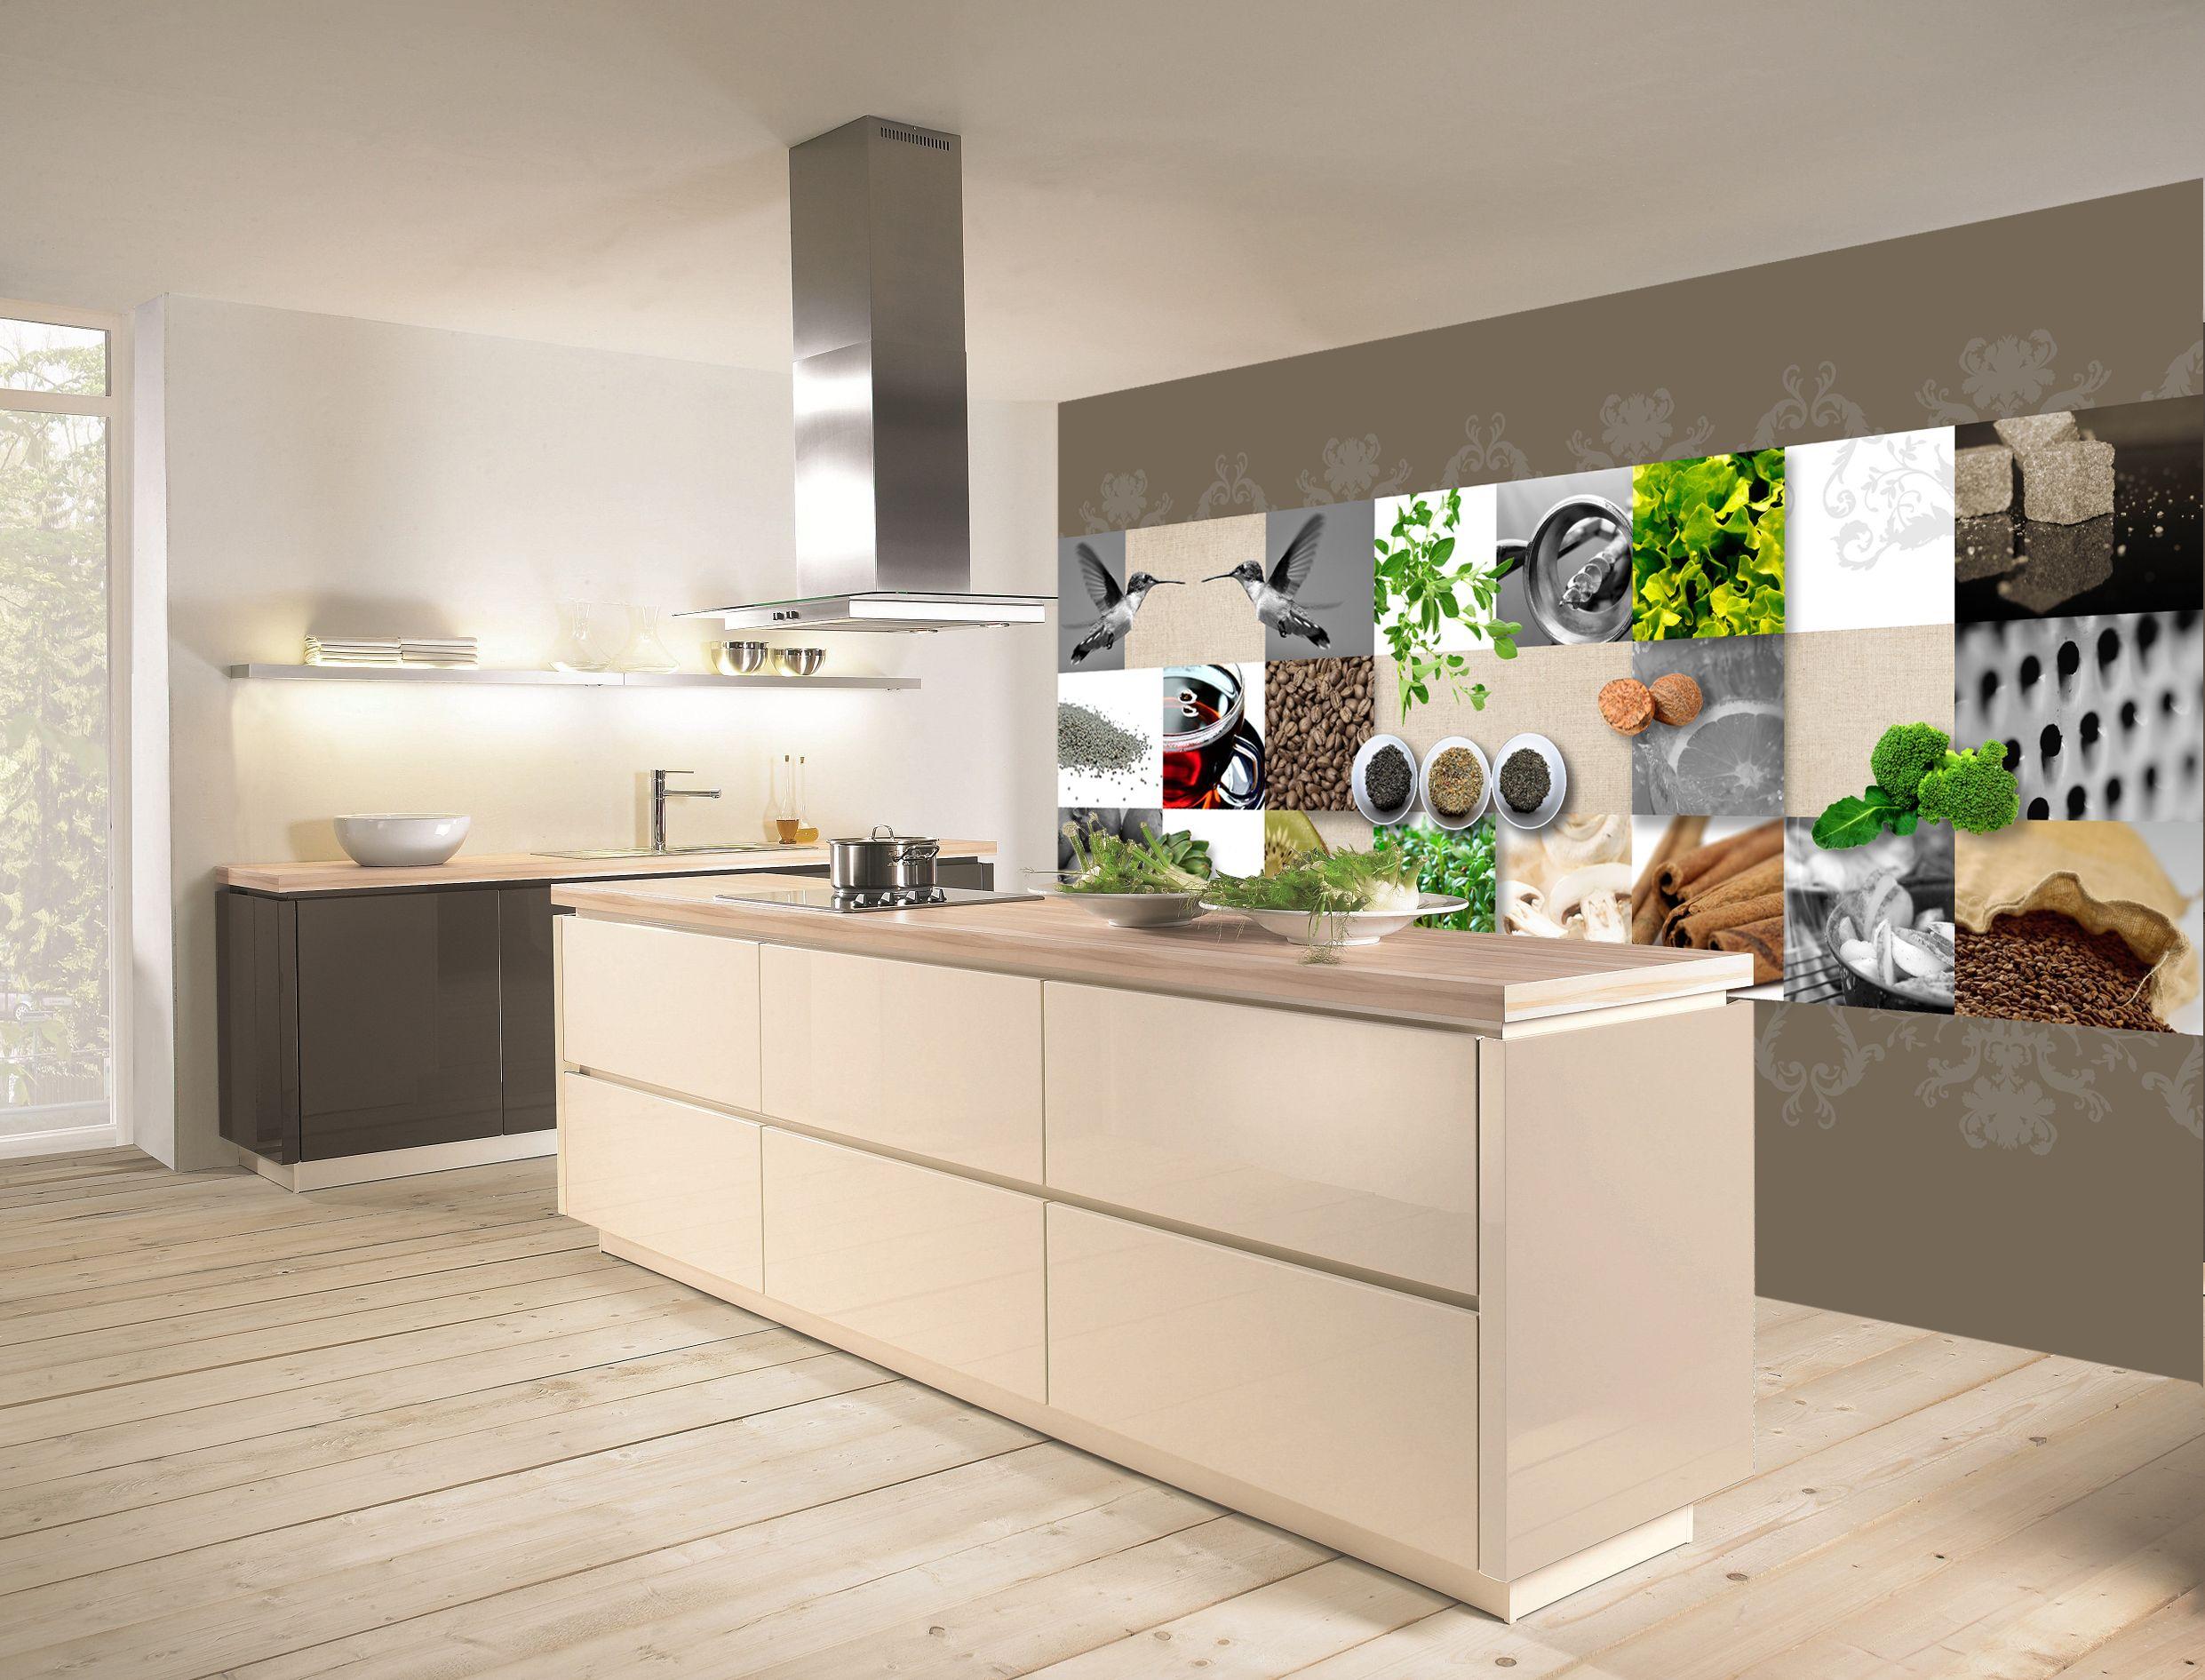 Wanddecoratie culinair in keuken van behangrijk. keuken kitchen